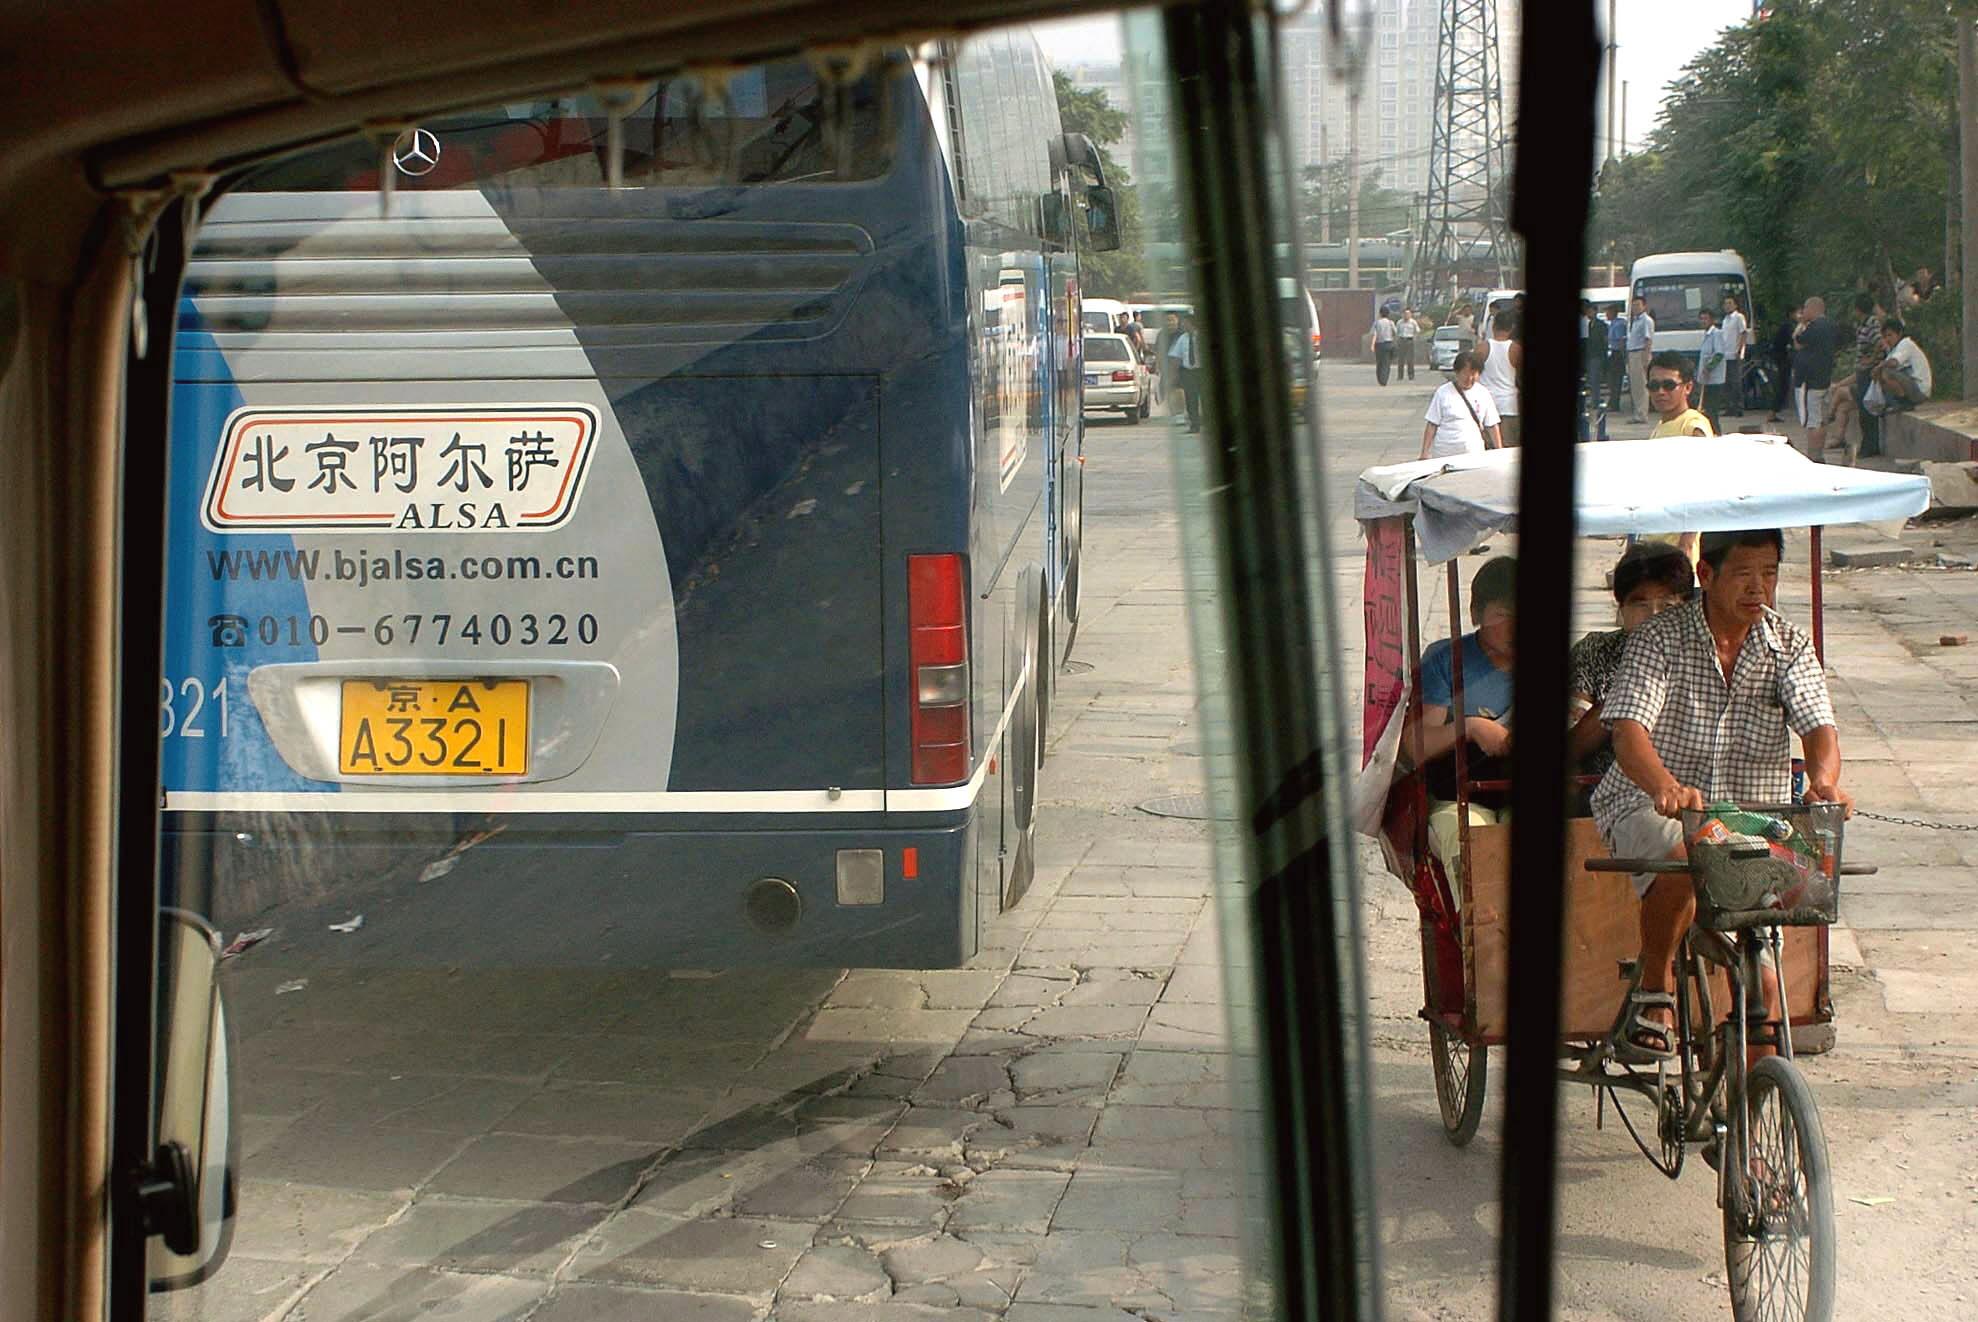 La española Alsa inaugura un intercambiador central de transportes en China